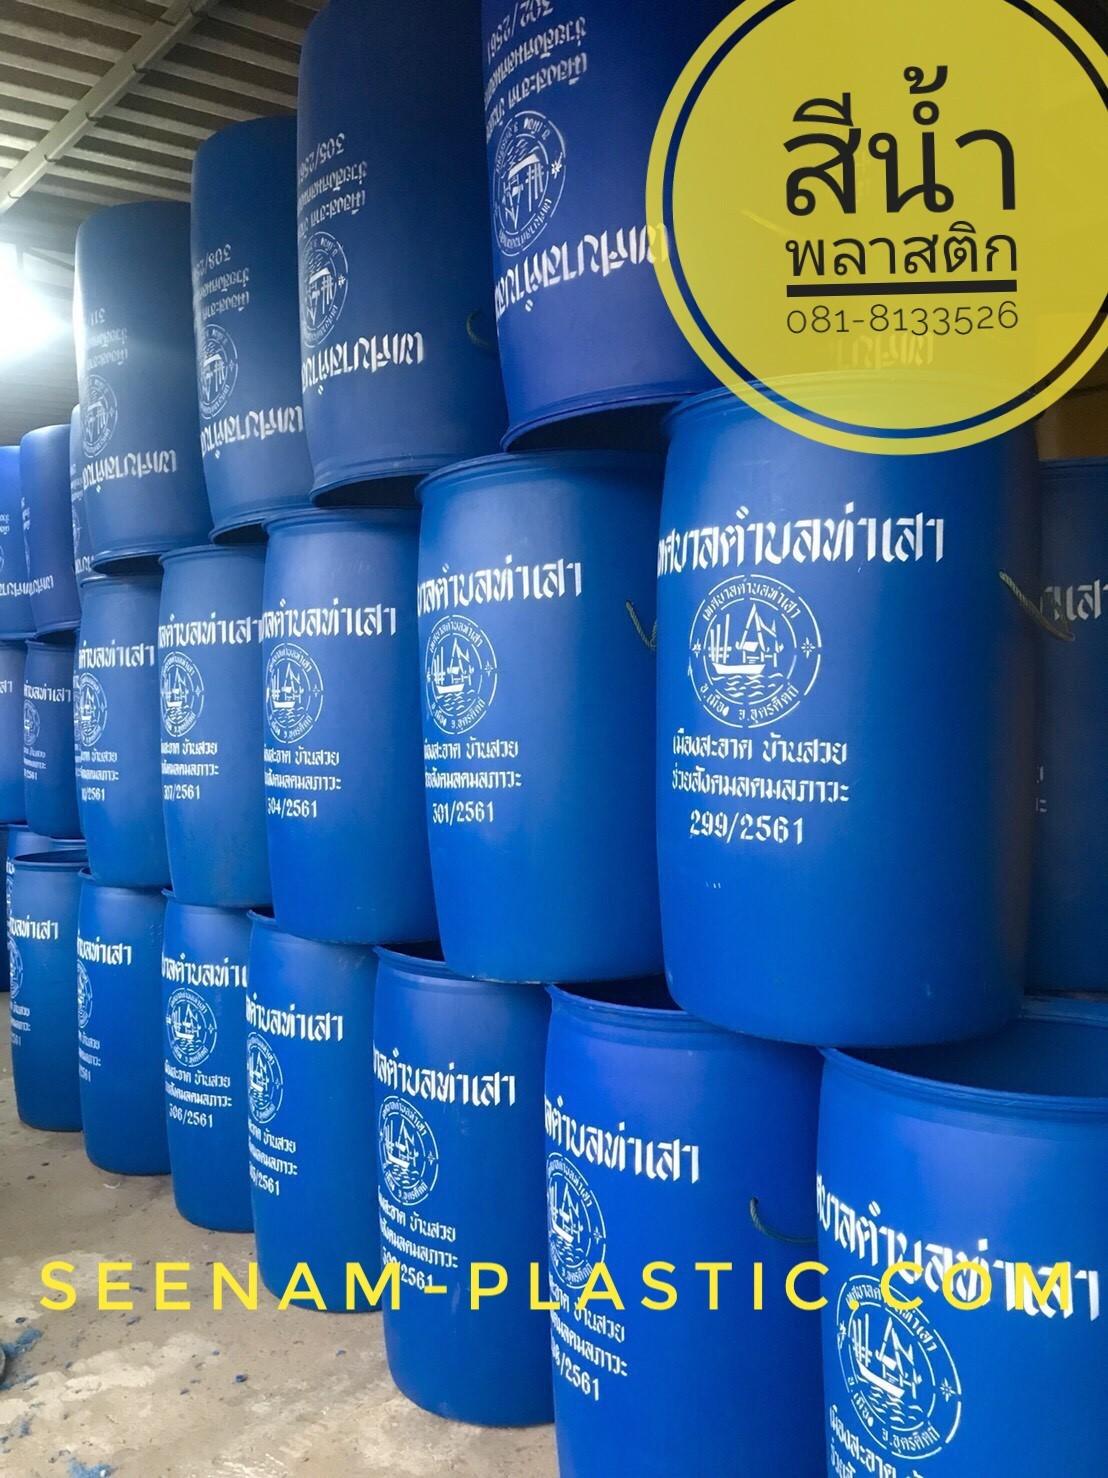 ถังขยะพลาสติก ถังขยะ200ลิตร ถังขยะพลาสติก200ลิตร ถังขยะอบต ถังขยะเทศบาล ถังเคมี